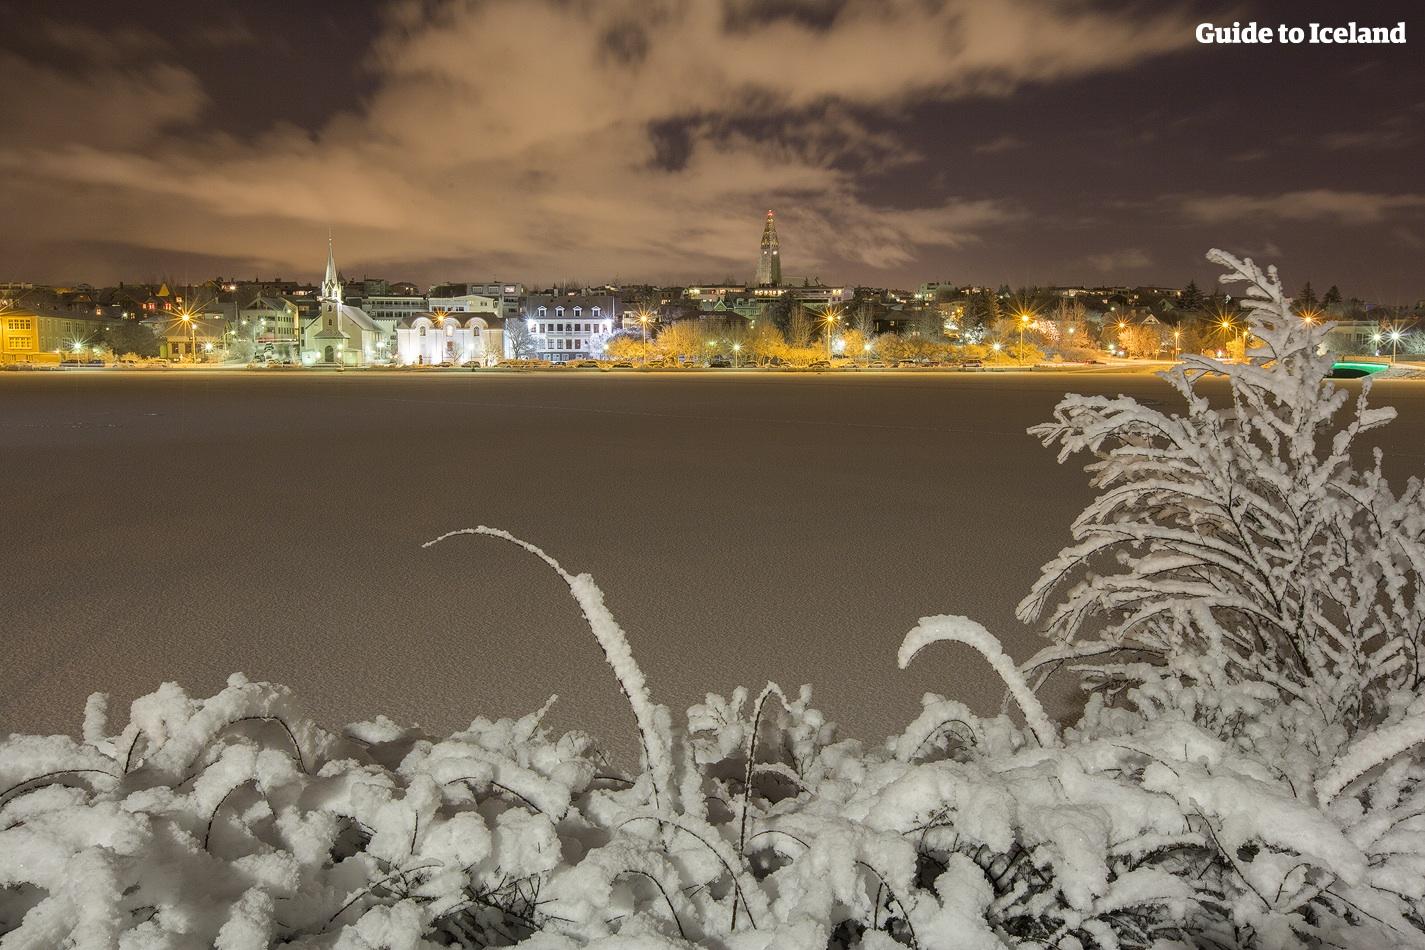 Wenn der Winter die Stadt in Schnee und Eis hüllt, verwandelt sich Reykjavik in ein echtes Wunderland.